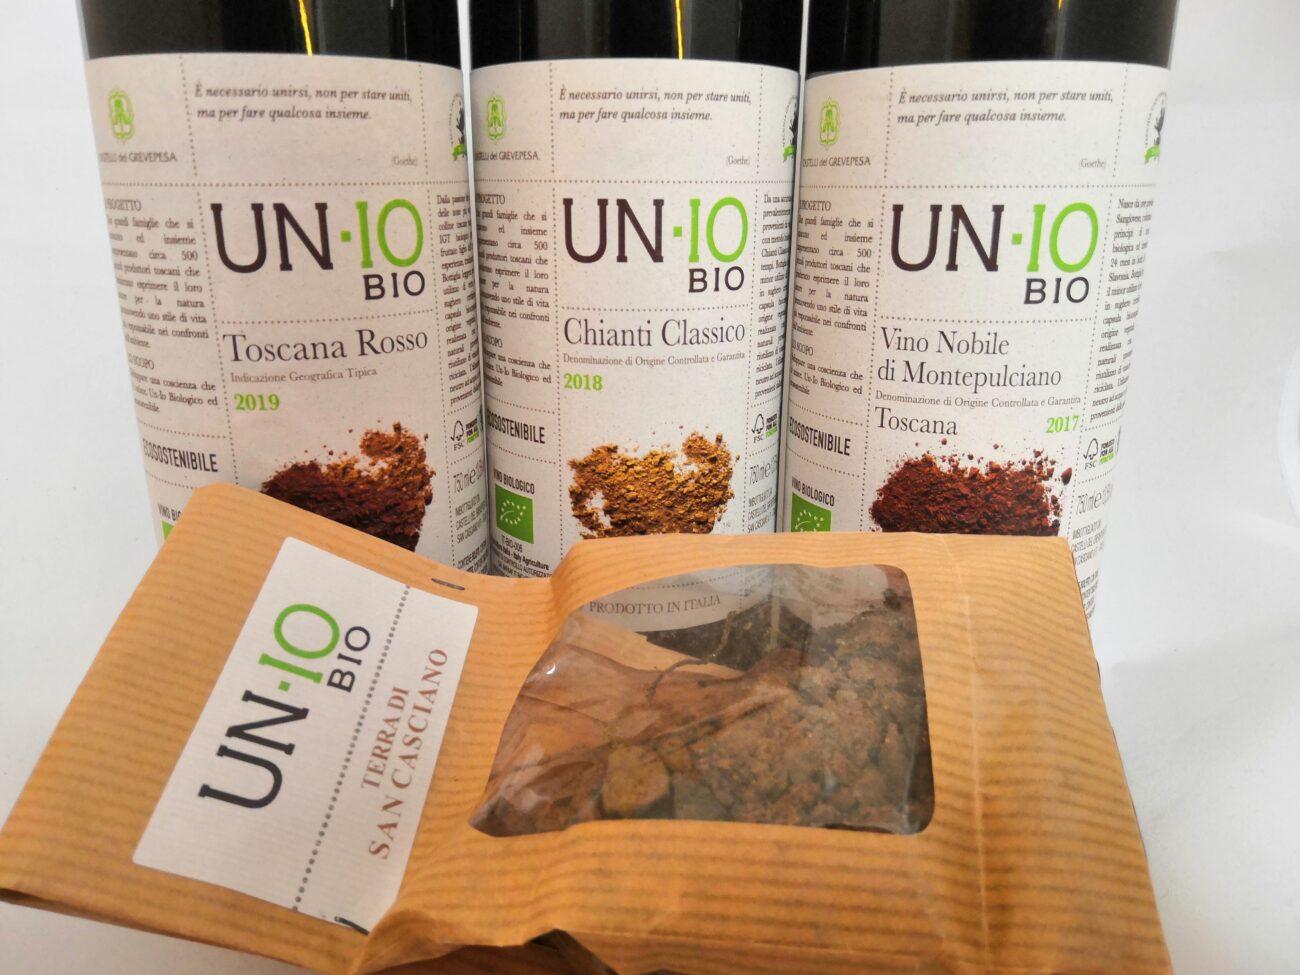 UN-IO Bio la nuova linea di vini ecosostenibili toscani